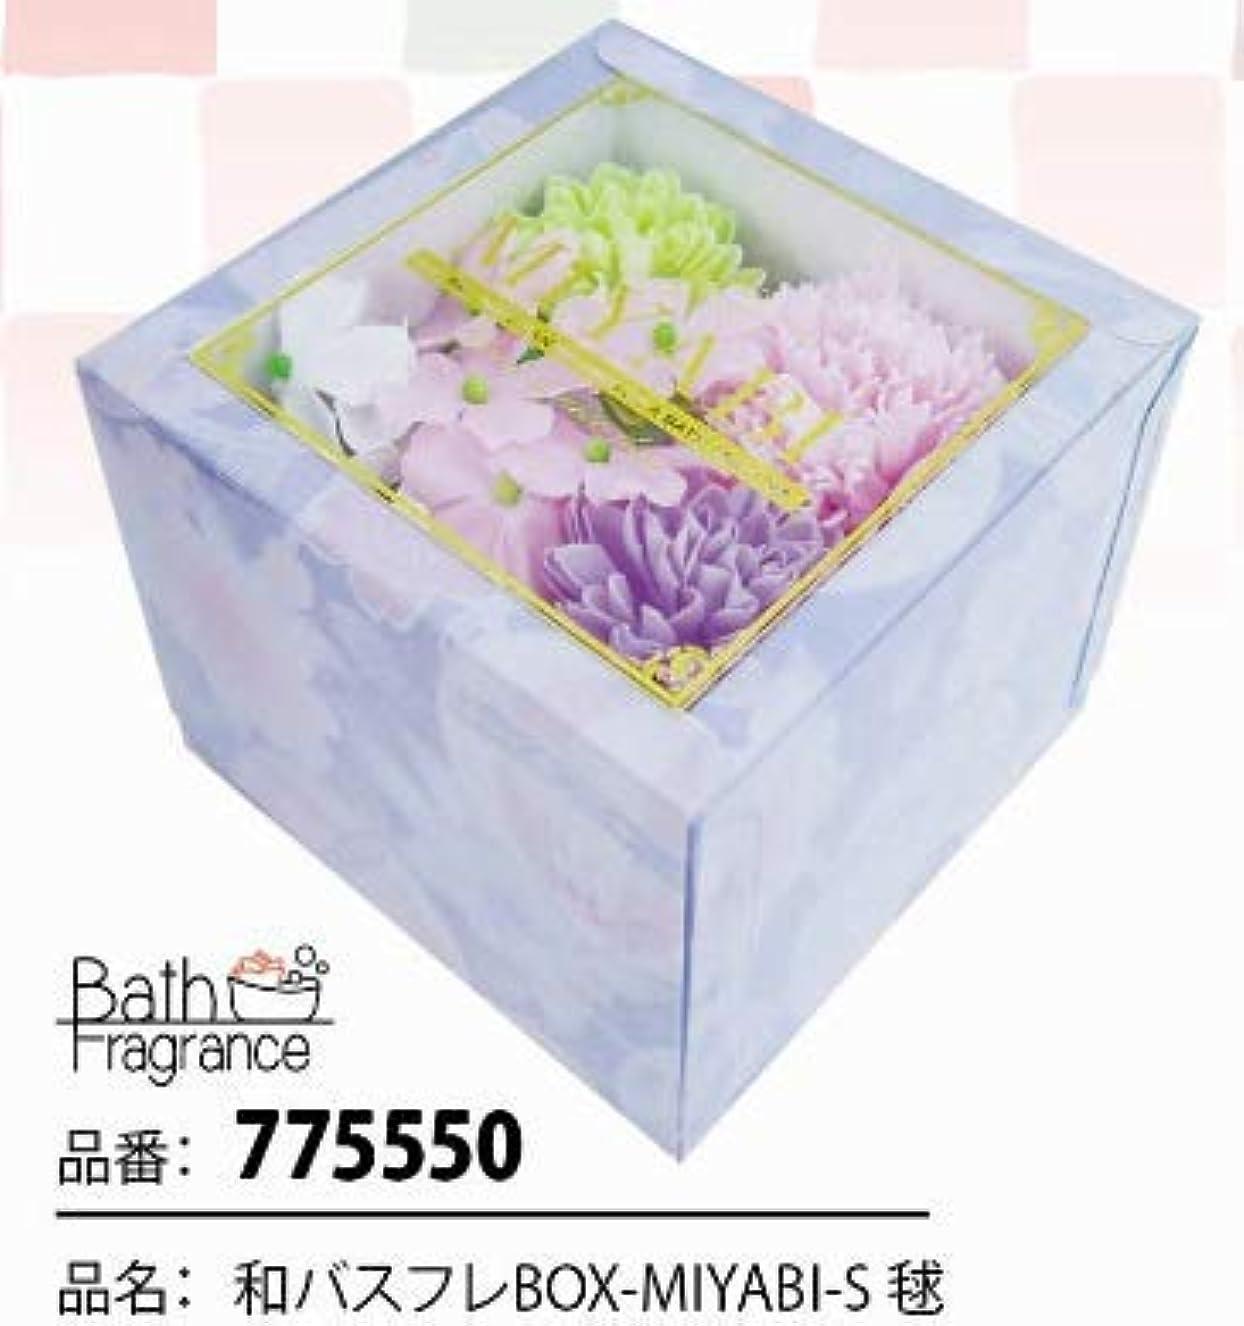 れんが玉ミネラル花のカタチの入浴剤 和バスフレBOX-MIYABI-S毬 775550